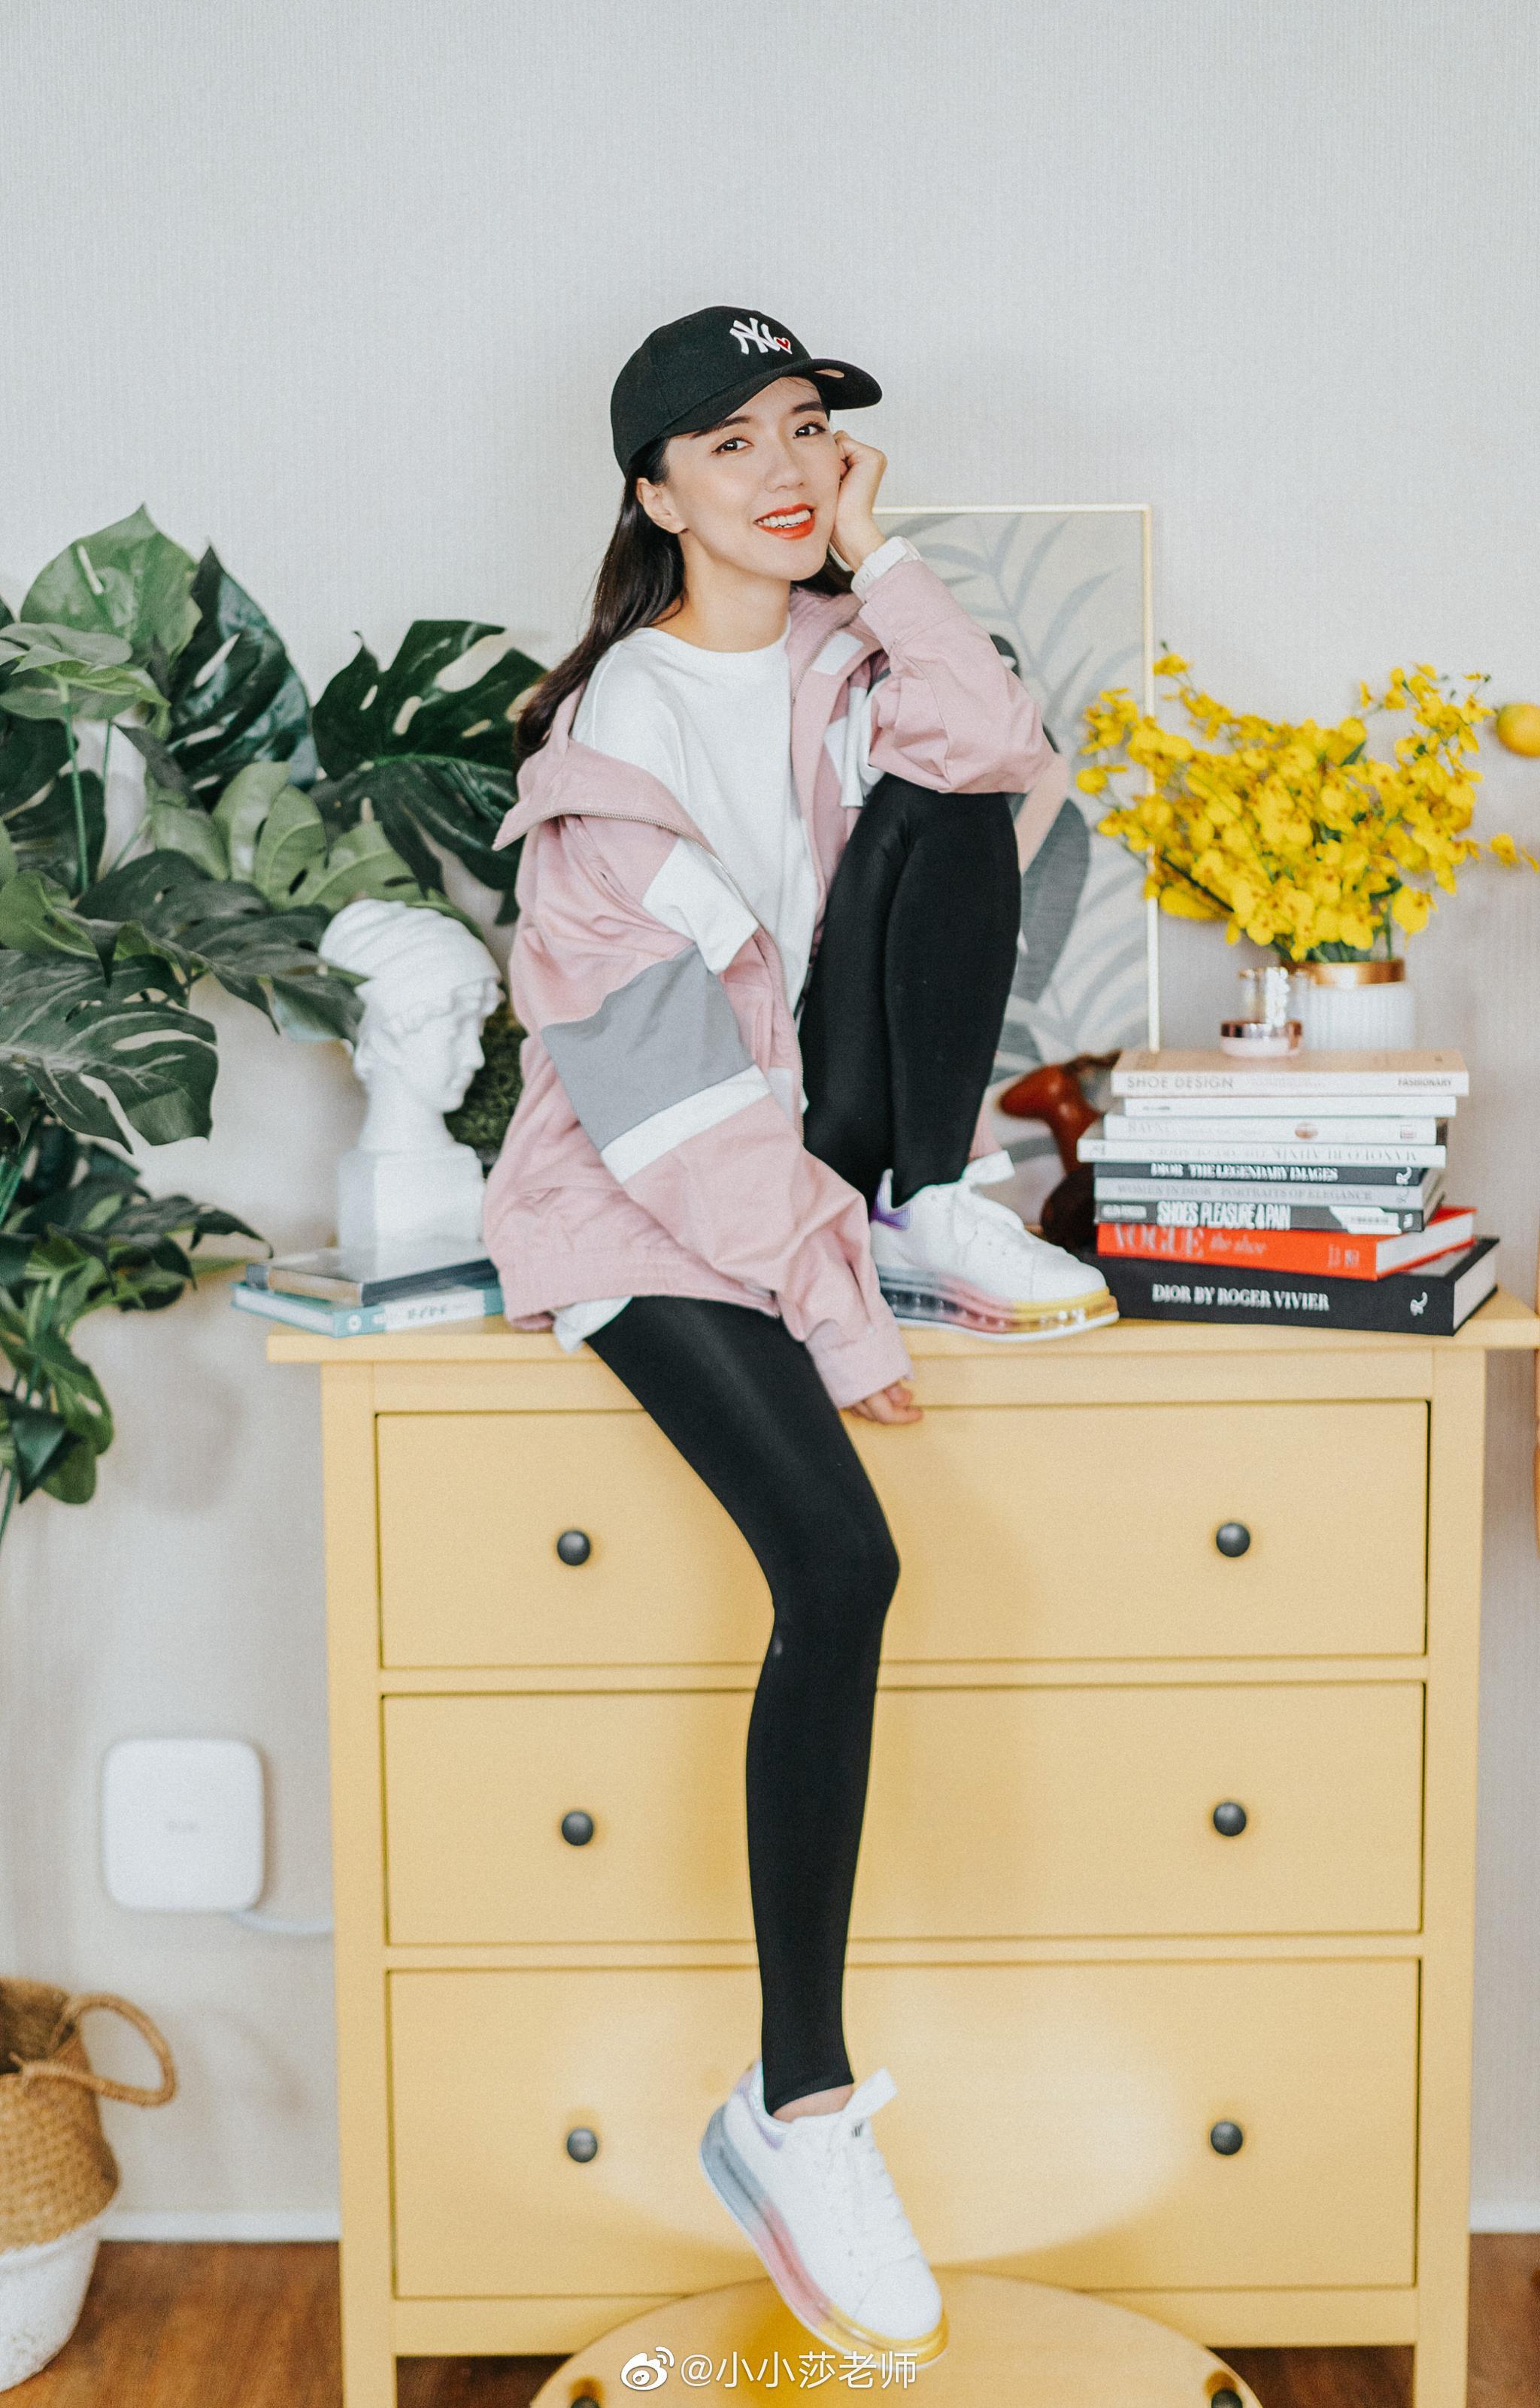 OOTD DAY 9⃣欧阳娜娜同款嘻哈拼接工装外套穿上立马显年轻你们